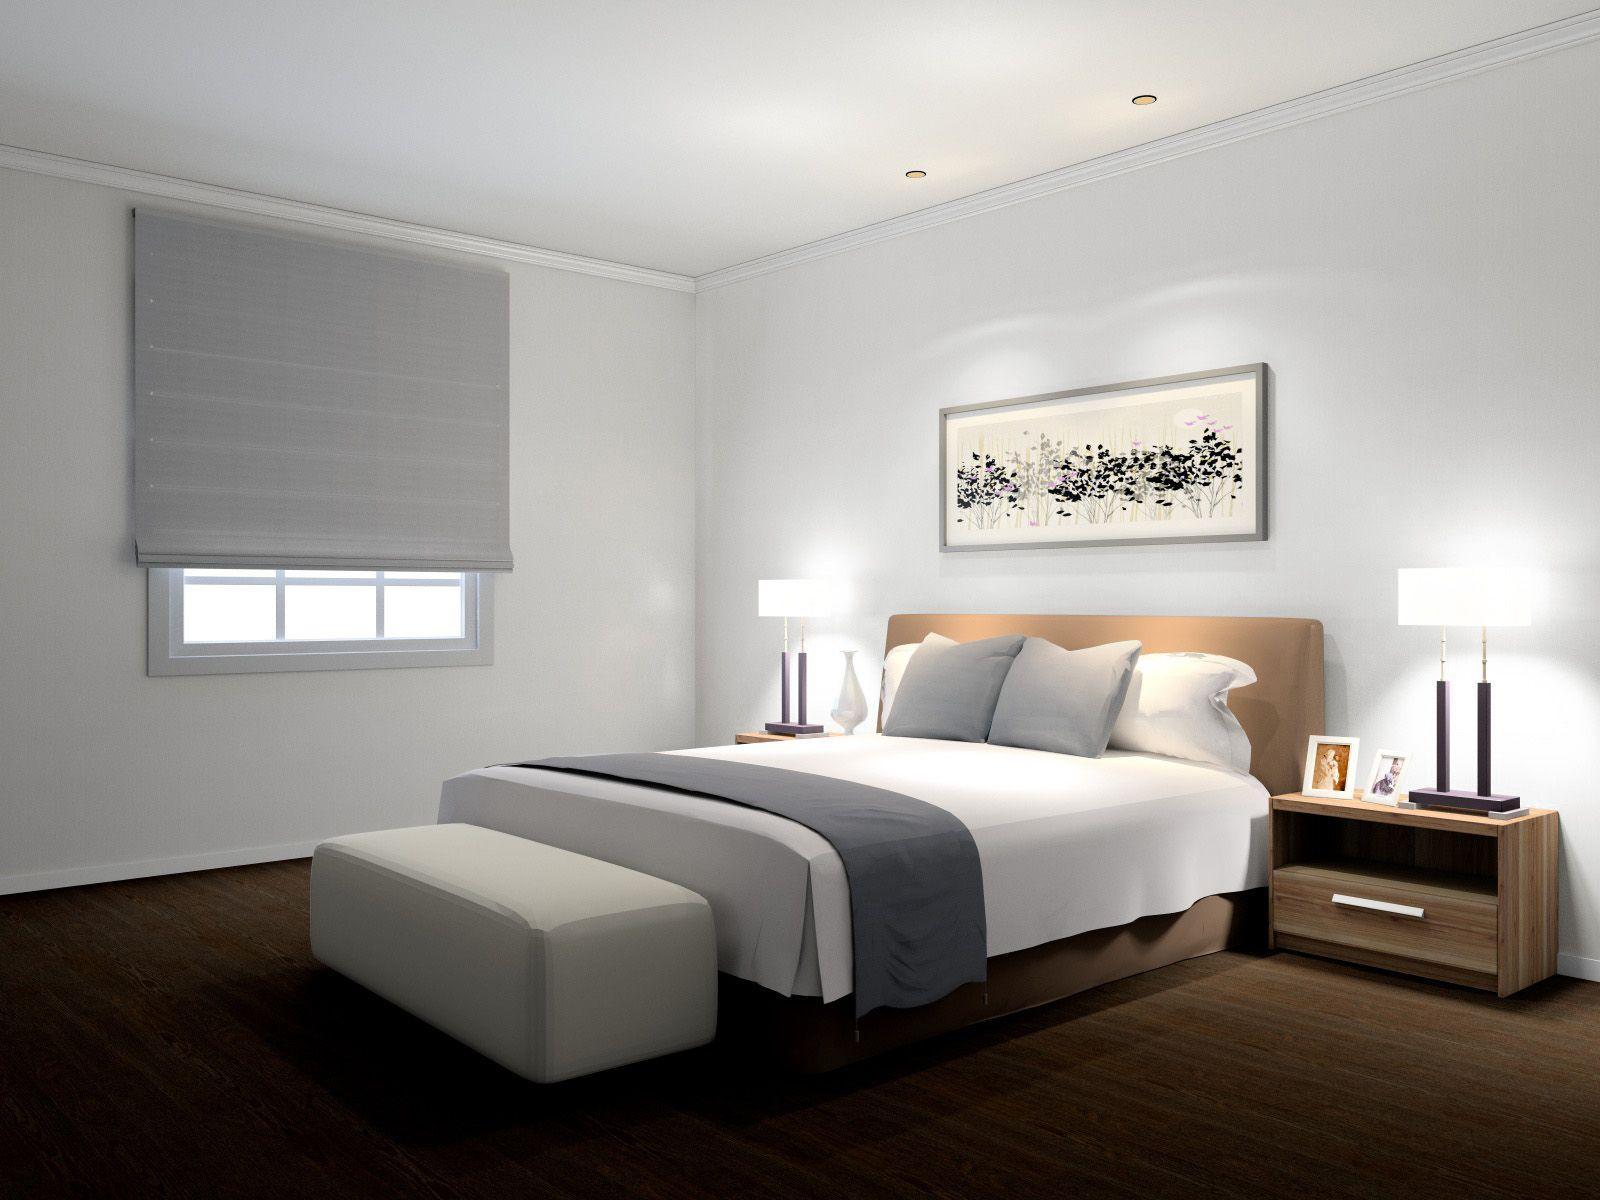 施工例一覧 サンゲツ ホームページ 寝室 壁紙 おしゃれ 寝室 壁紙 サンゲツ